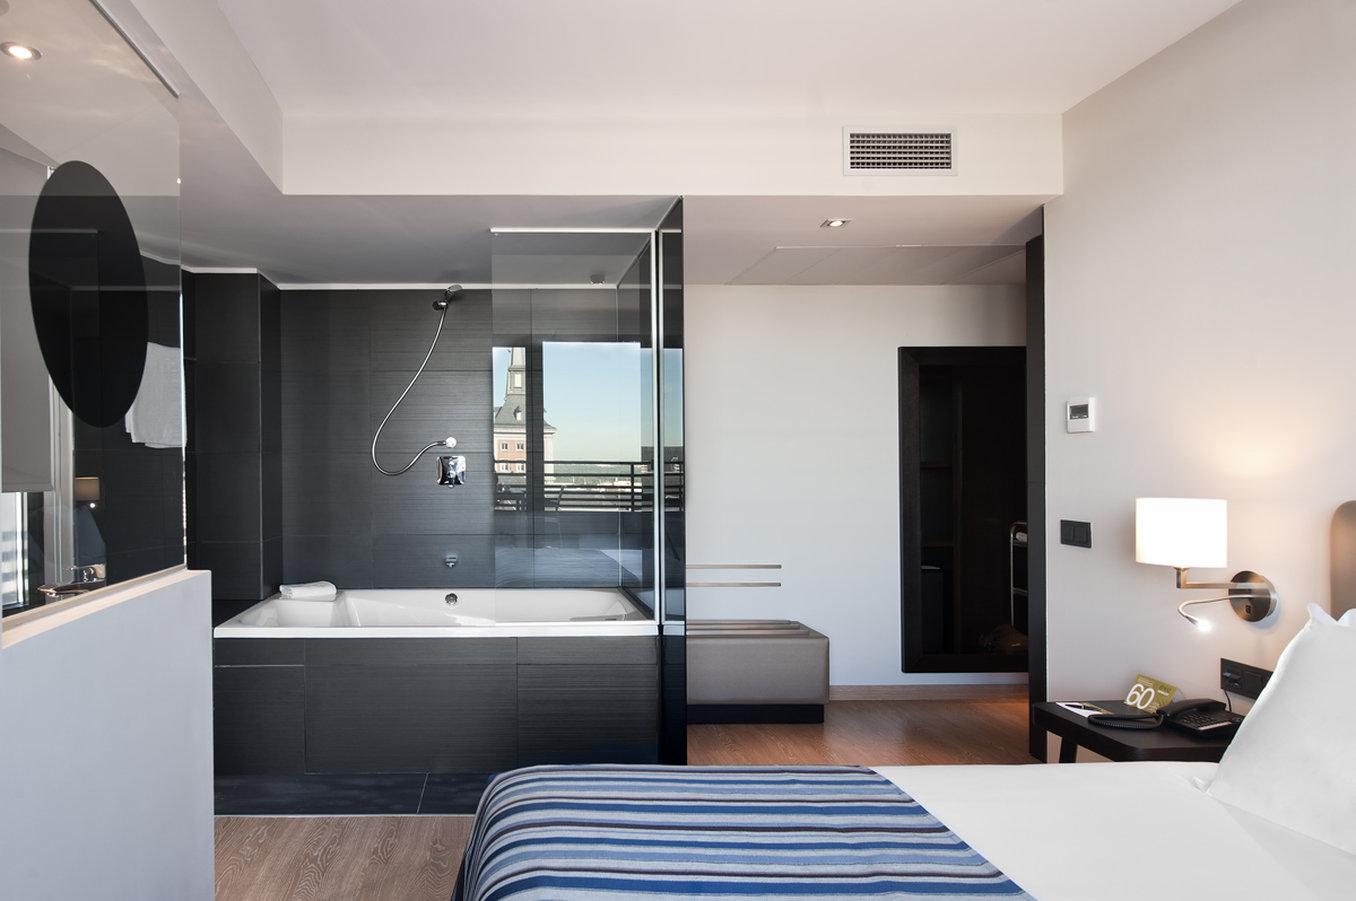 Habitación en Hotel Exe Moncloa en Madrid